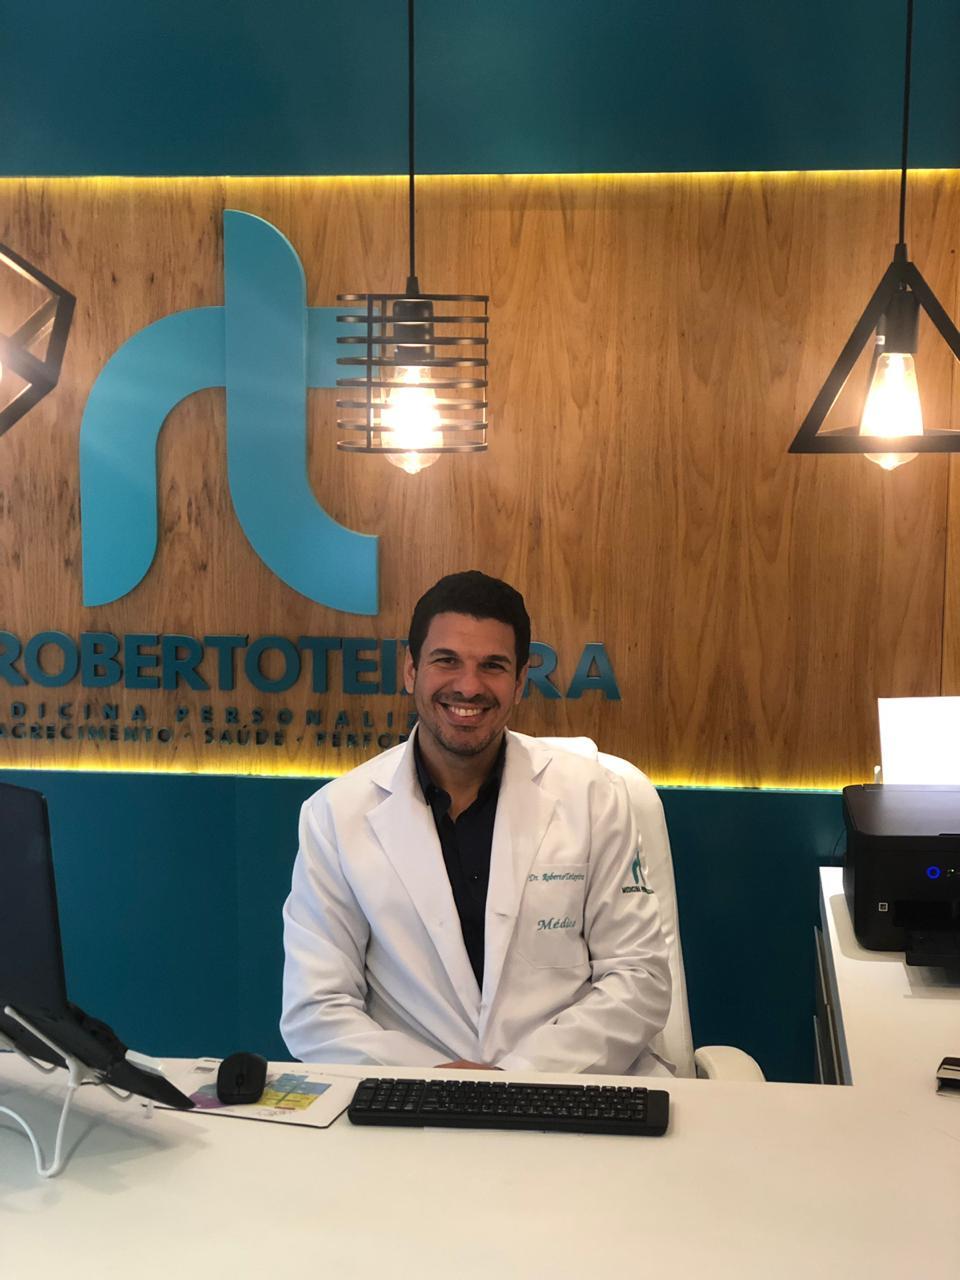 Roberto Teixeira